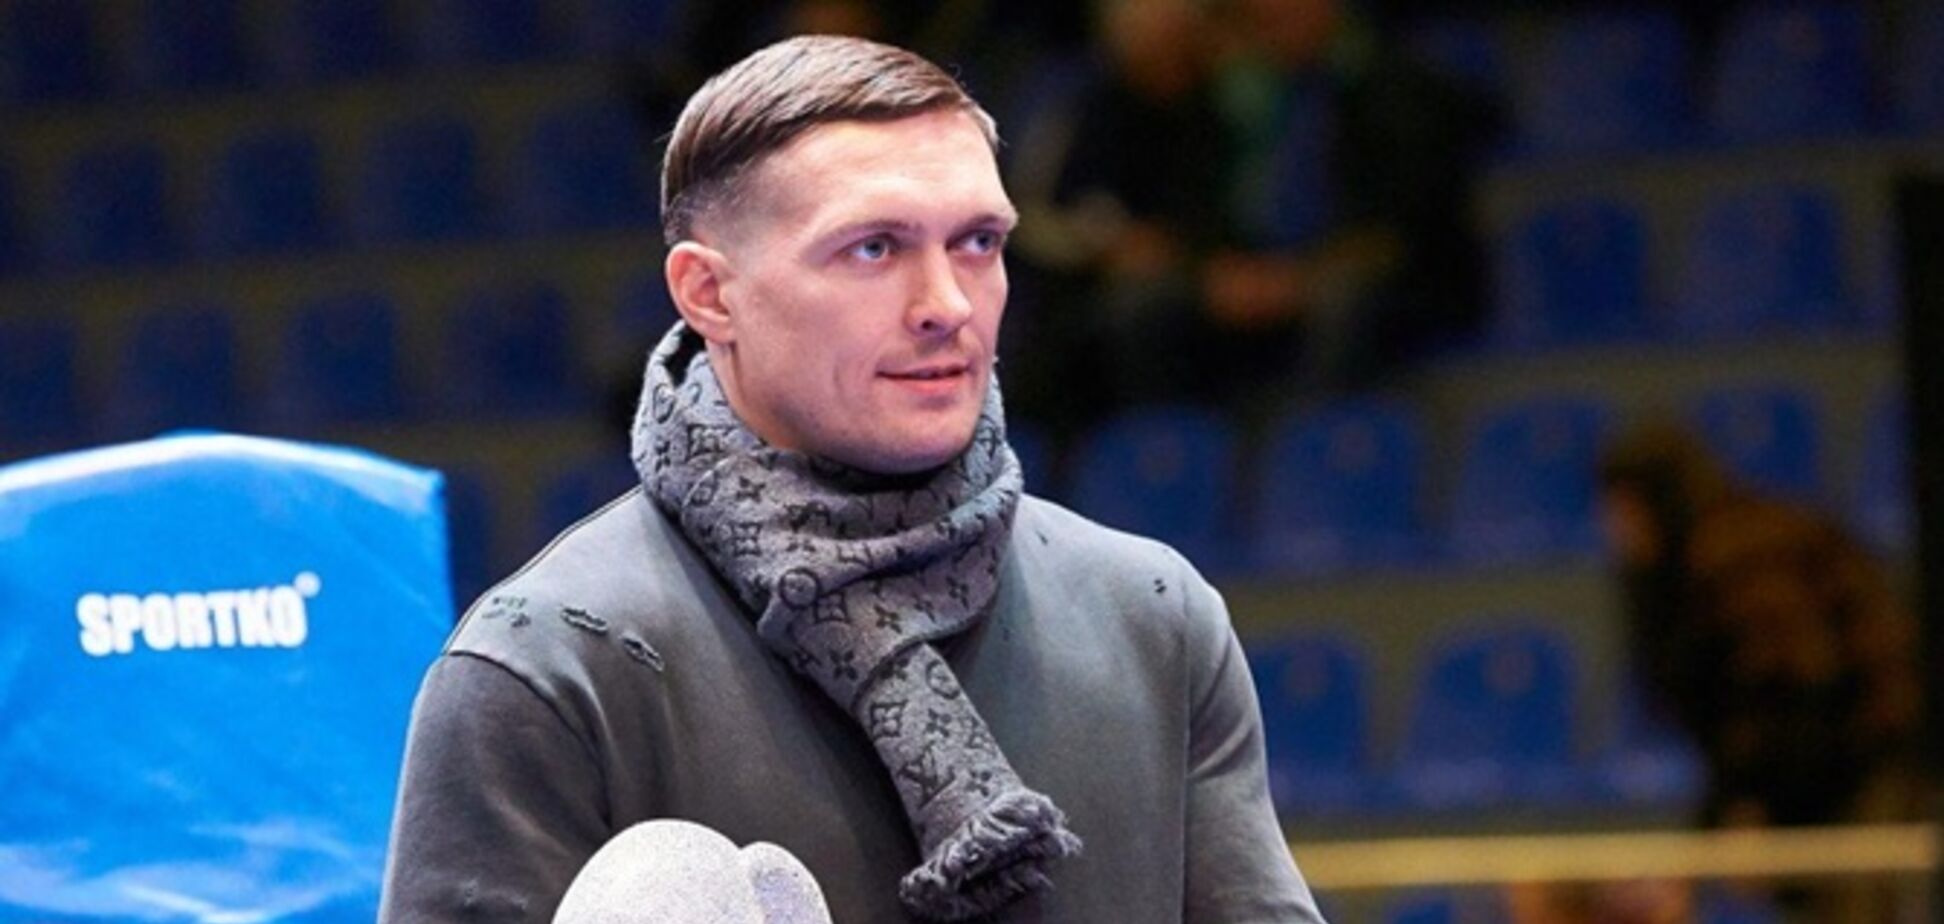 Как выглядели бы Усик, Ломаченко и Кличко, если бы были женщинами